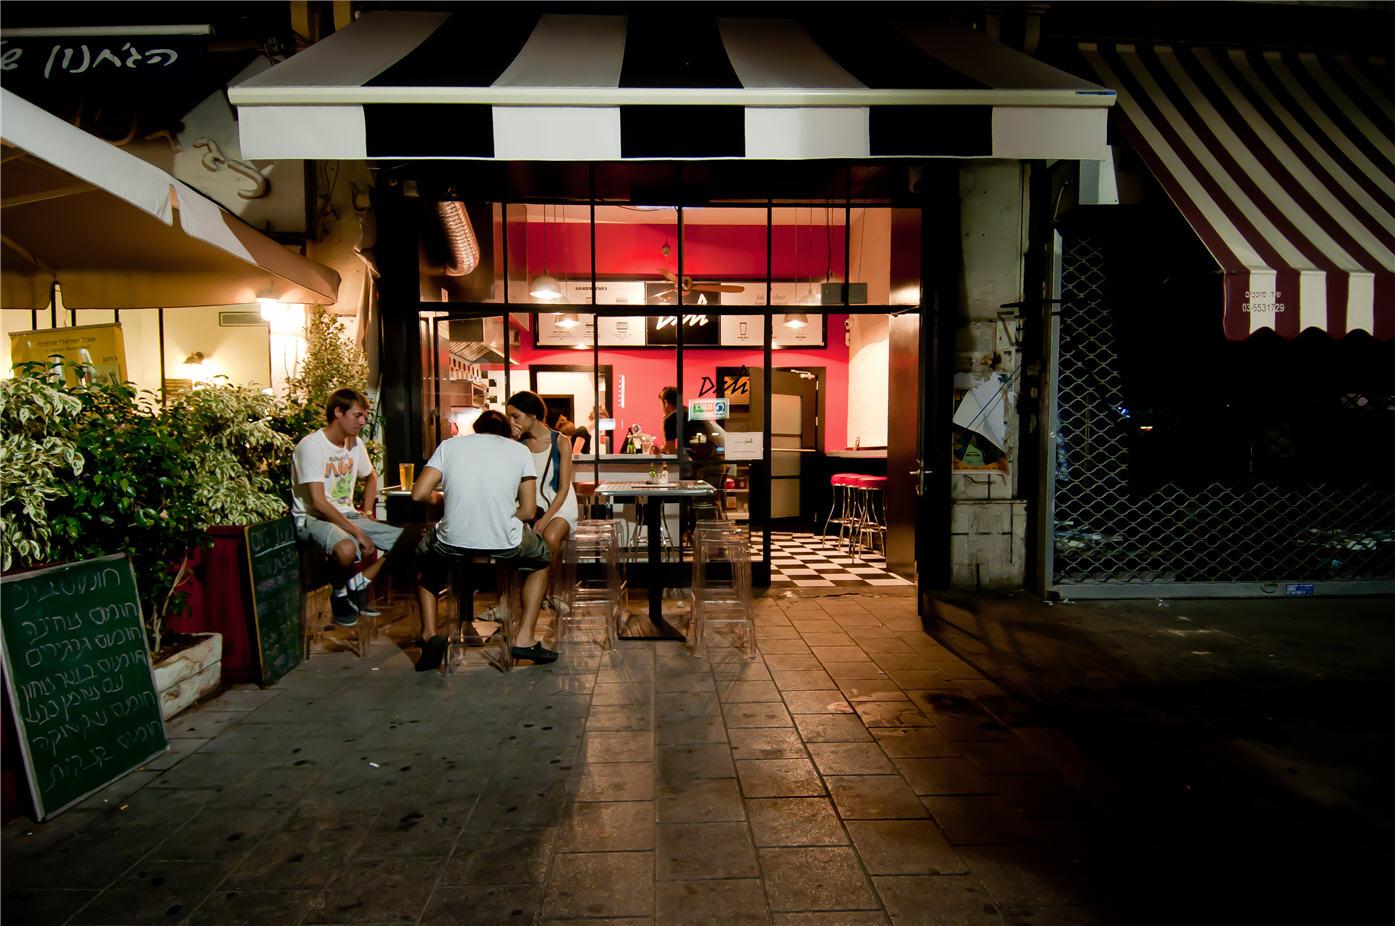 Deli Cocktail Bar - interior design by Studio Y.